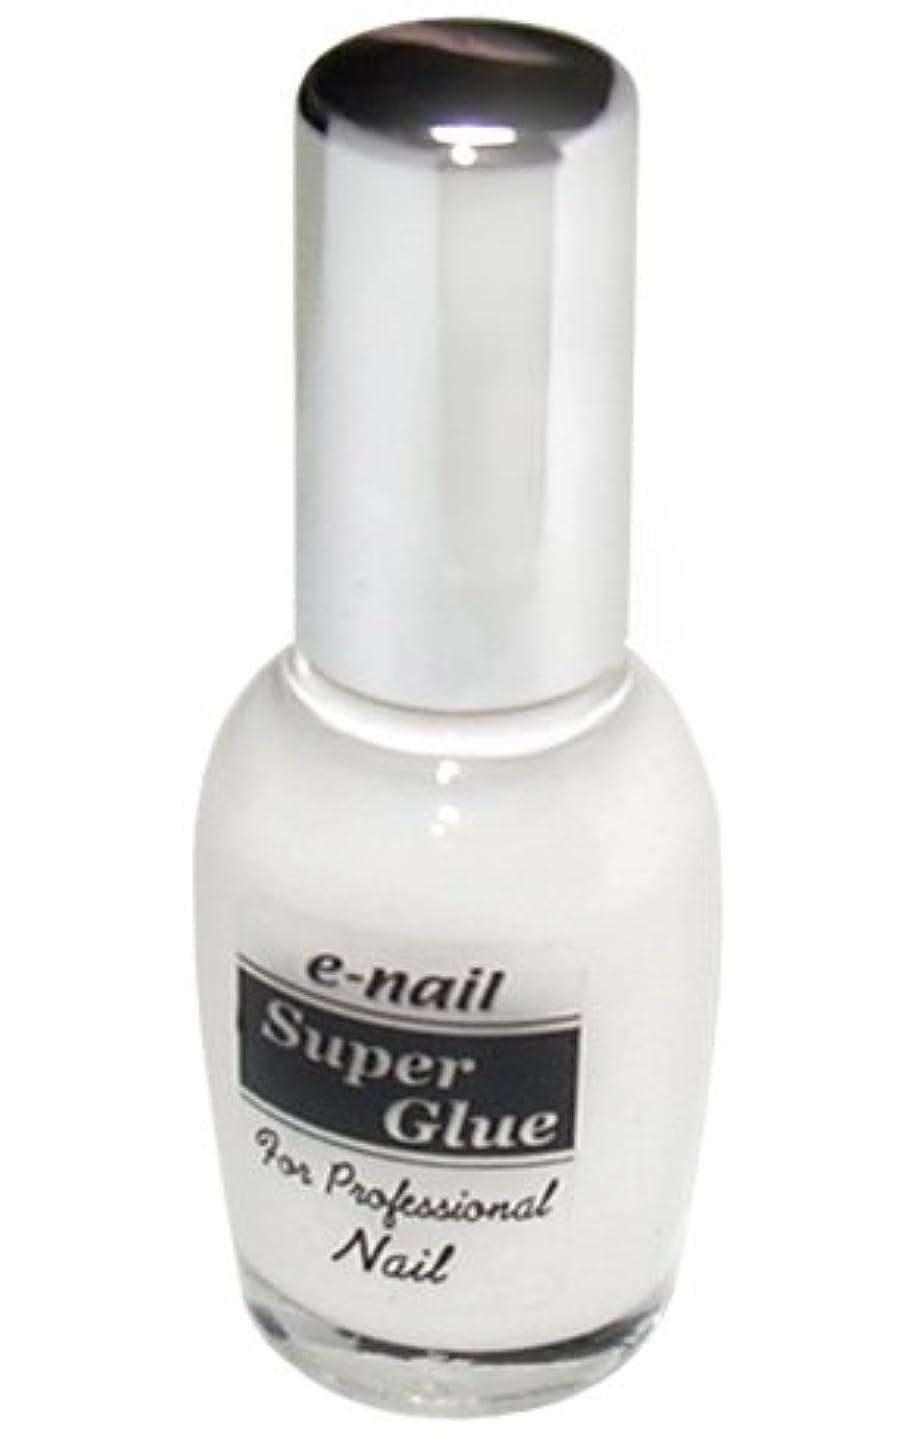 コート飾り羽寛容e-nail スーパーグルー(ネイルチップ粘着剤)